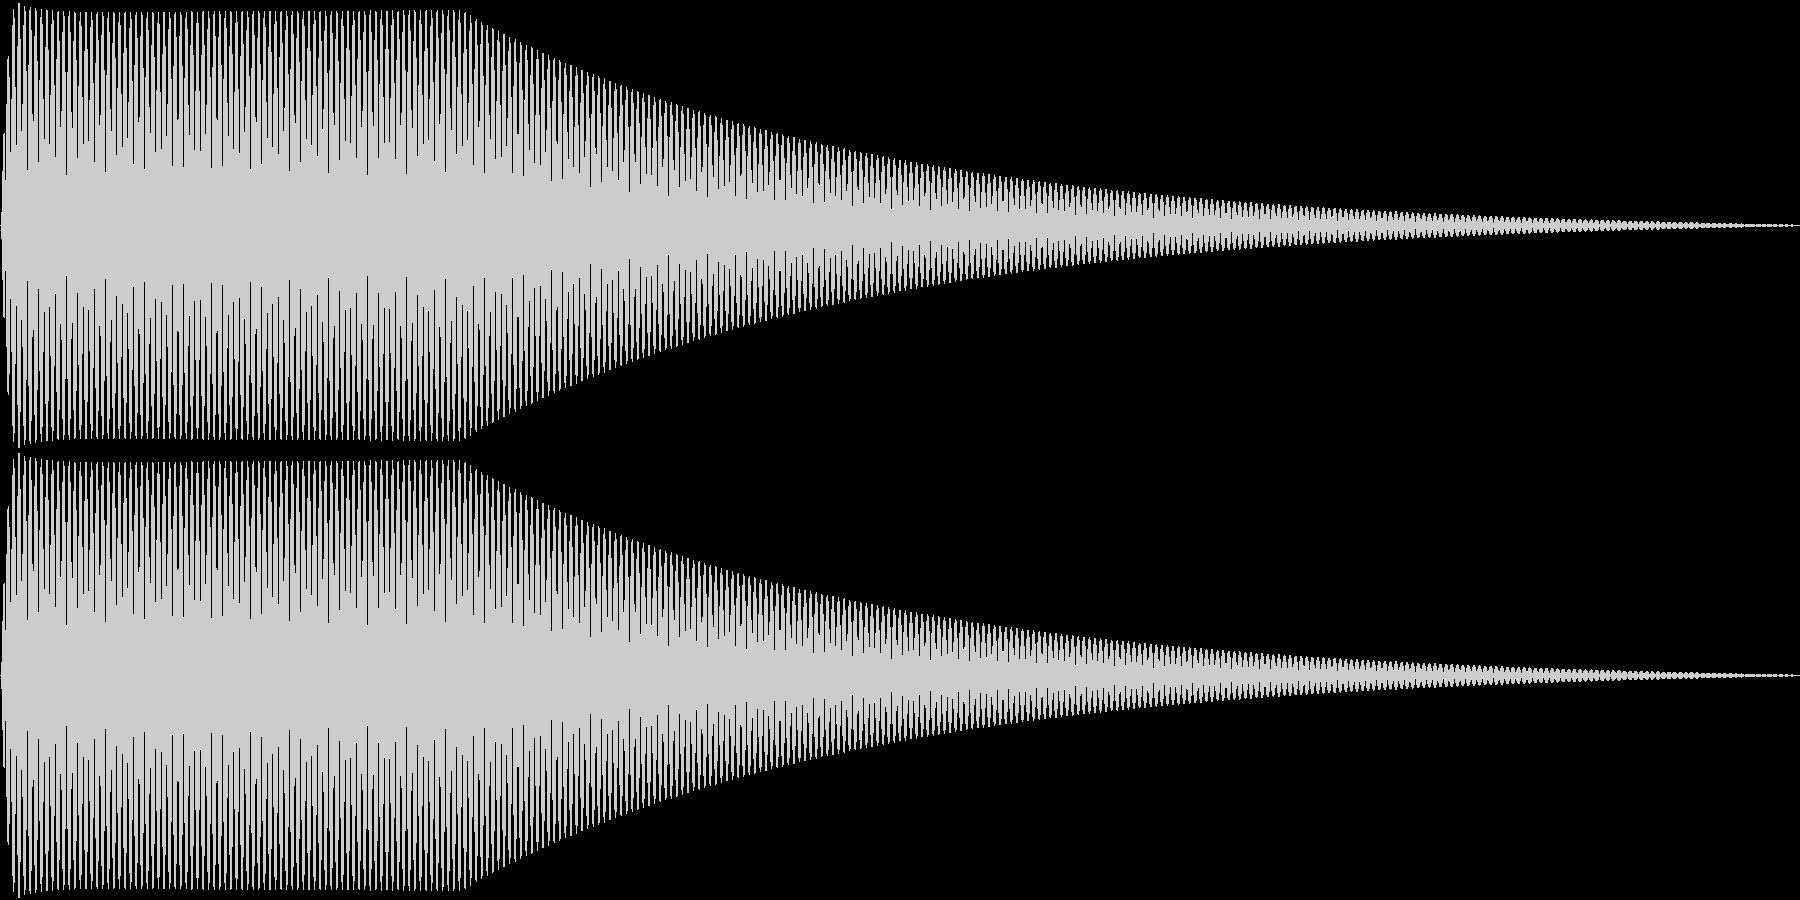 Sin シンプルなサイン波のタッチ音 1の未再生の波形